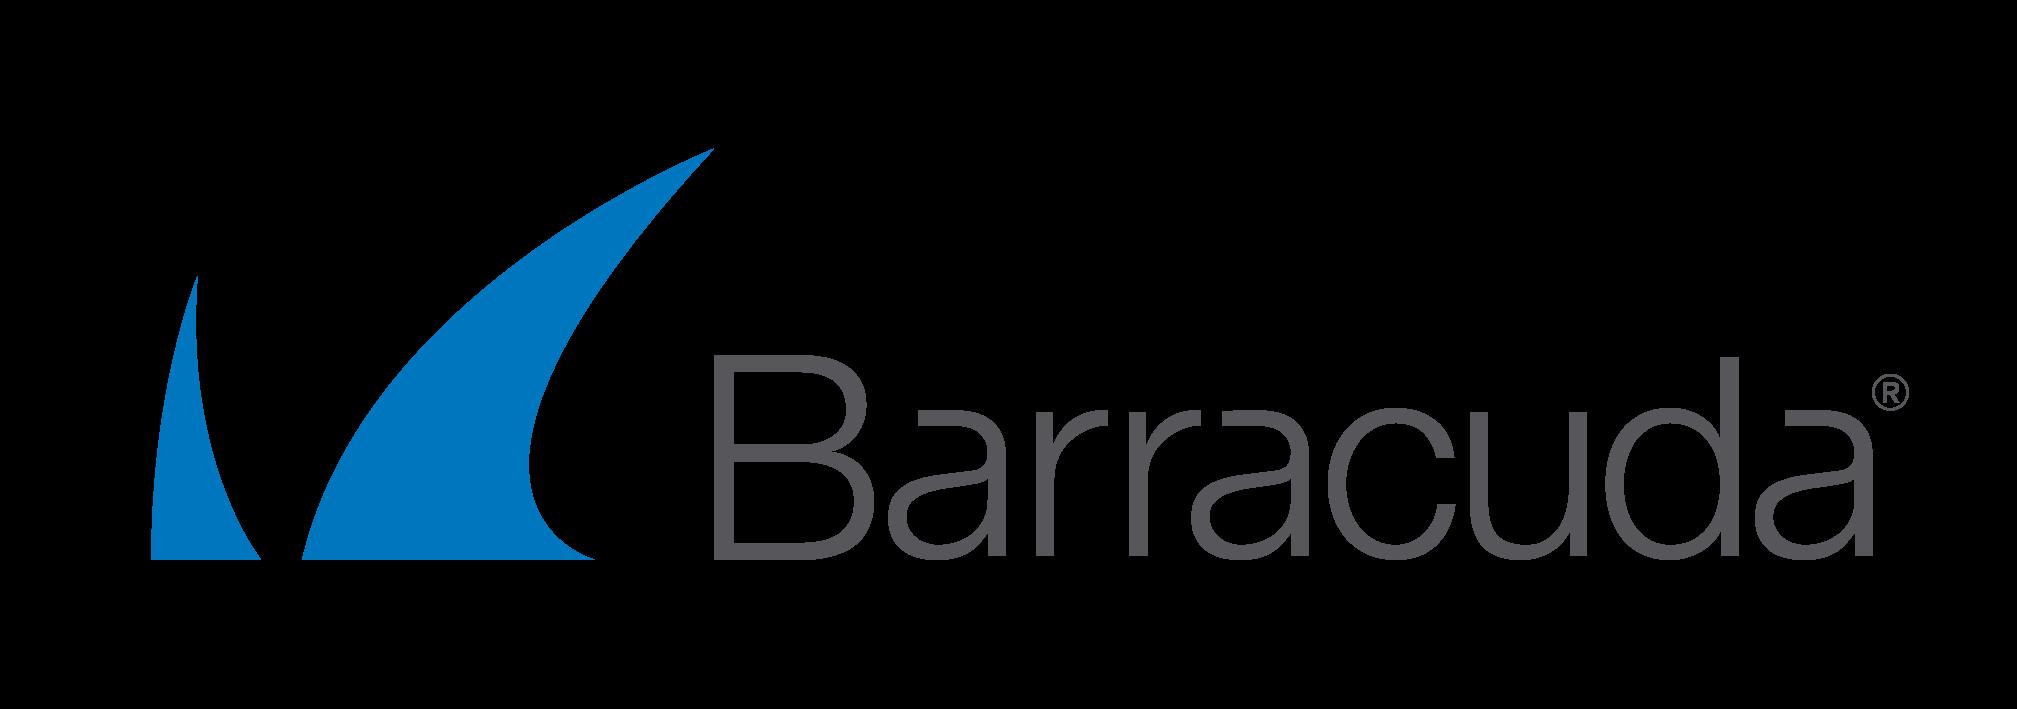 Barracuda Web Application Firewall 960